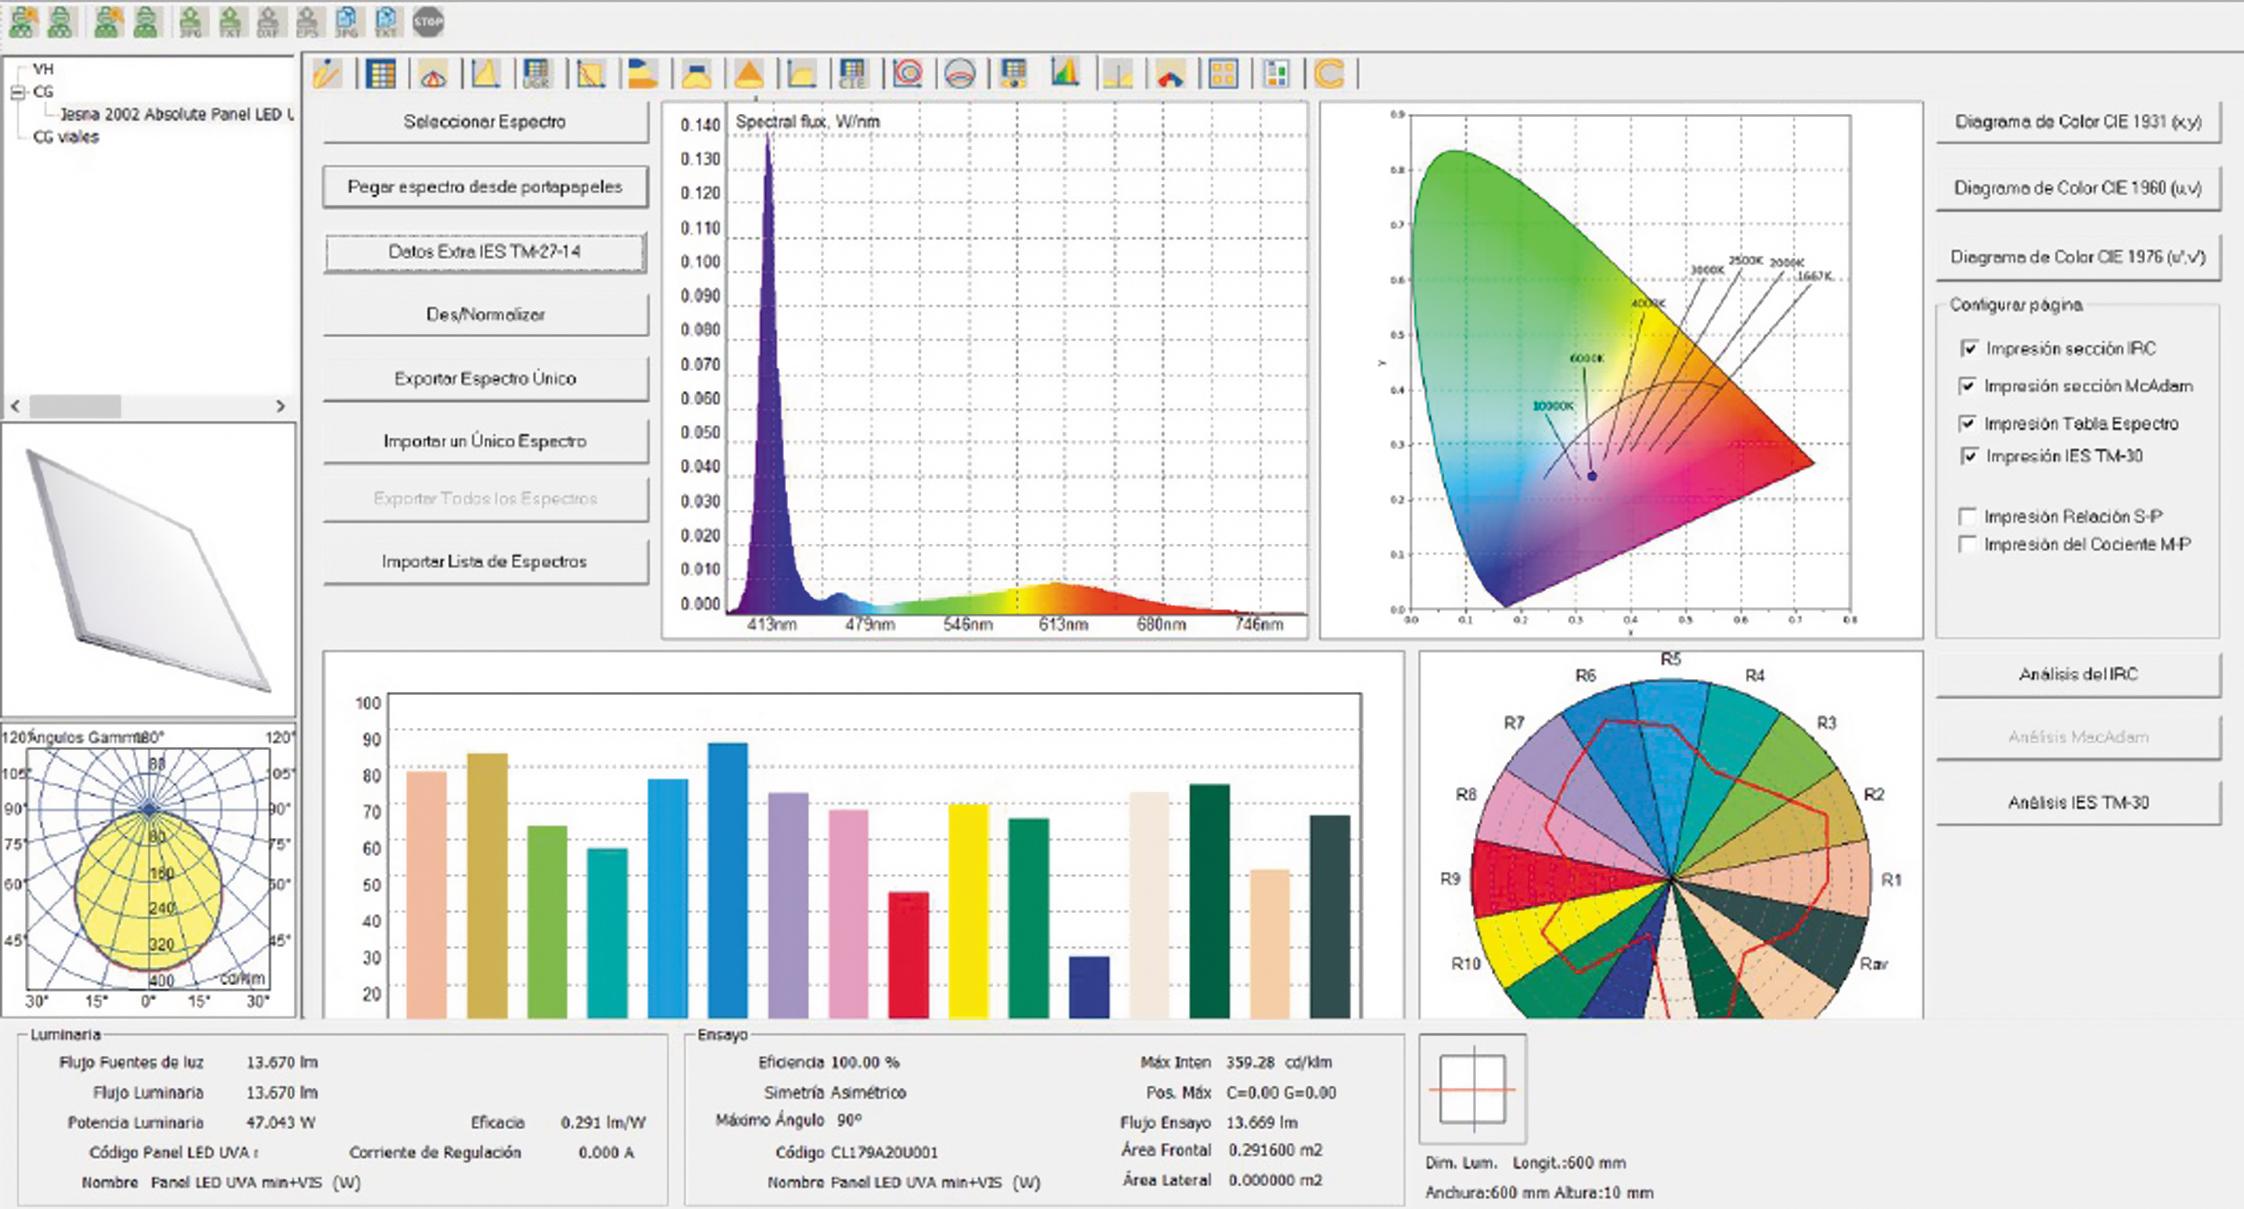 Фотометрический и радиометрический файл в формате OXL — фотометрия, радиометрия и изображение